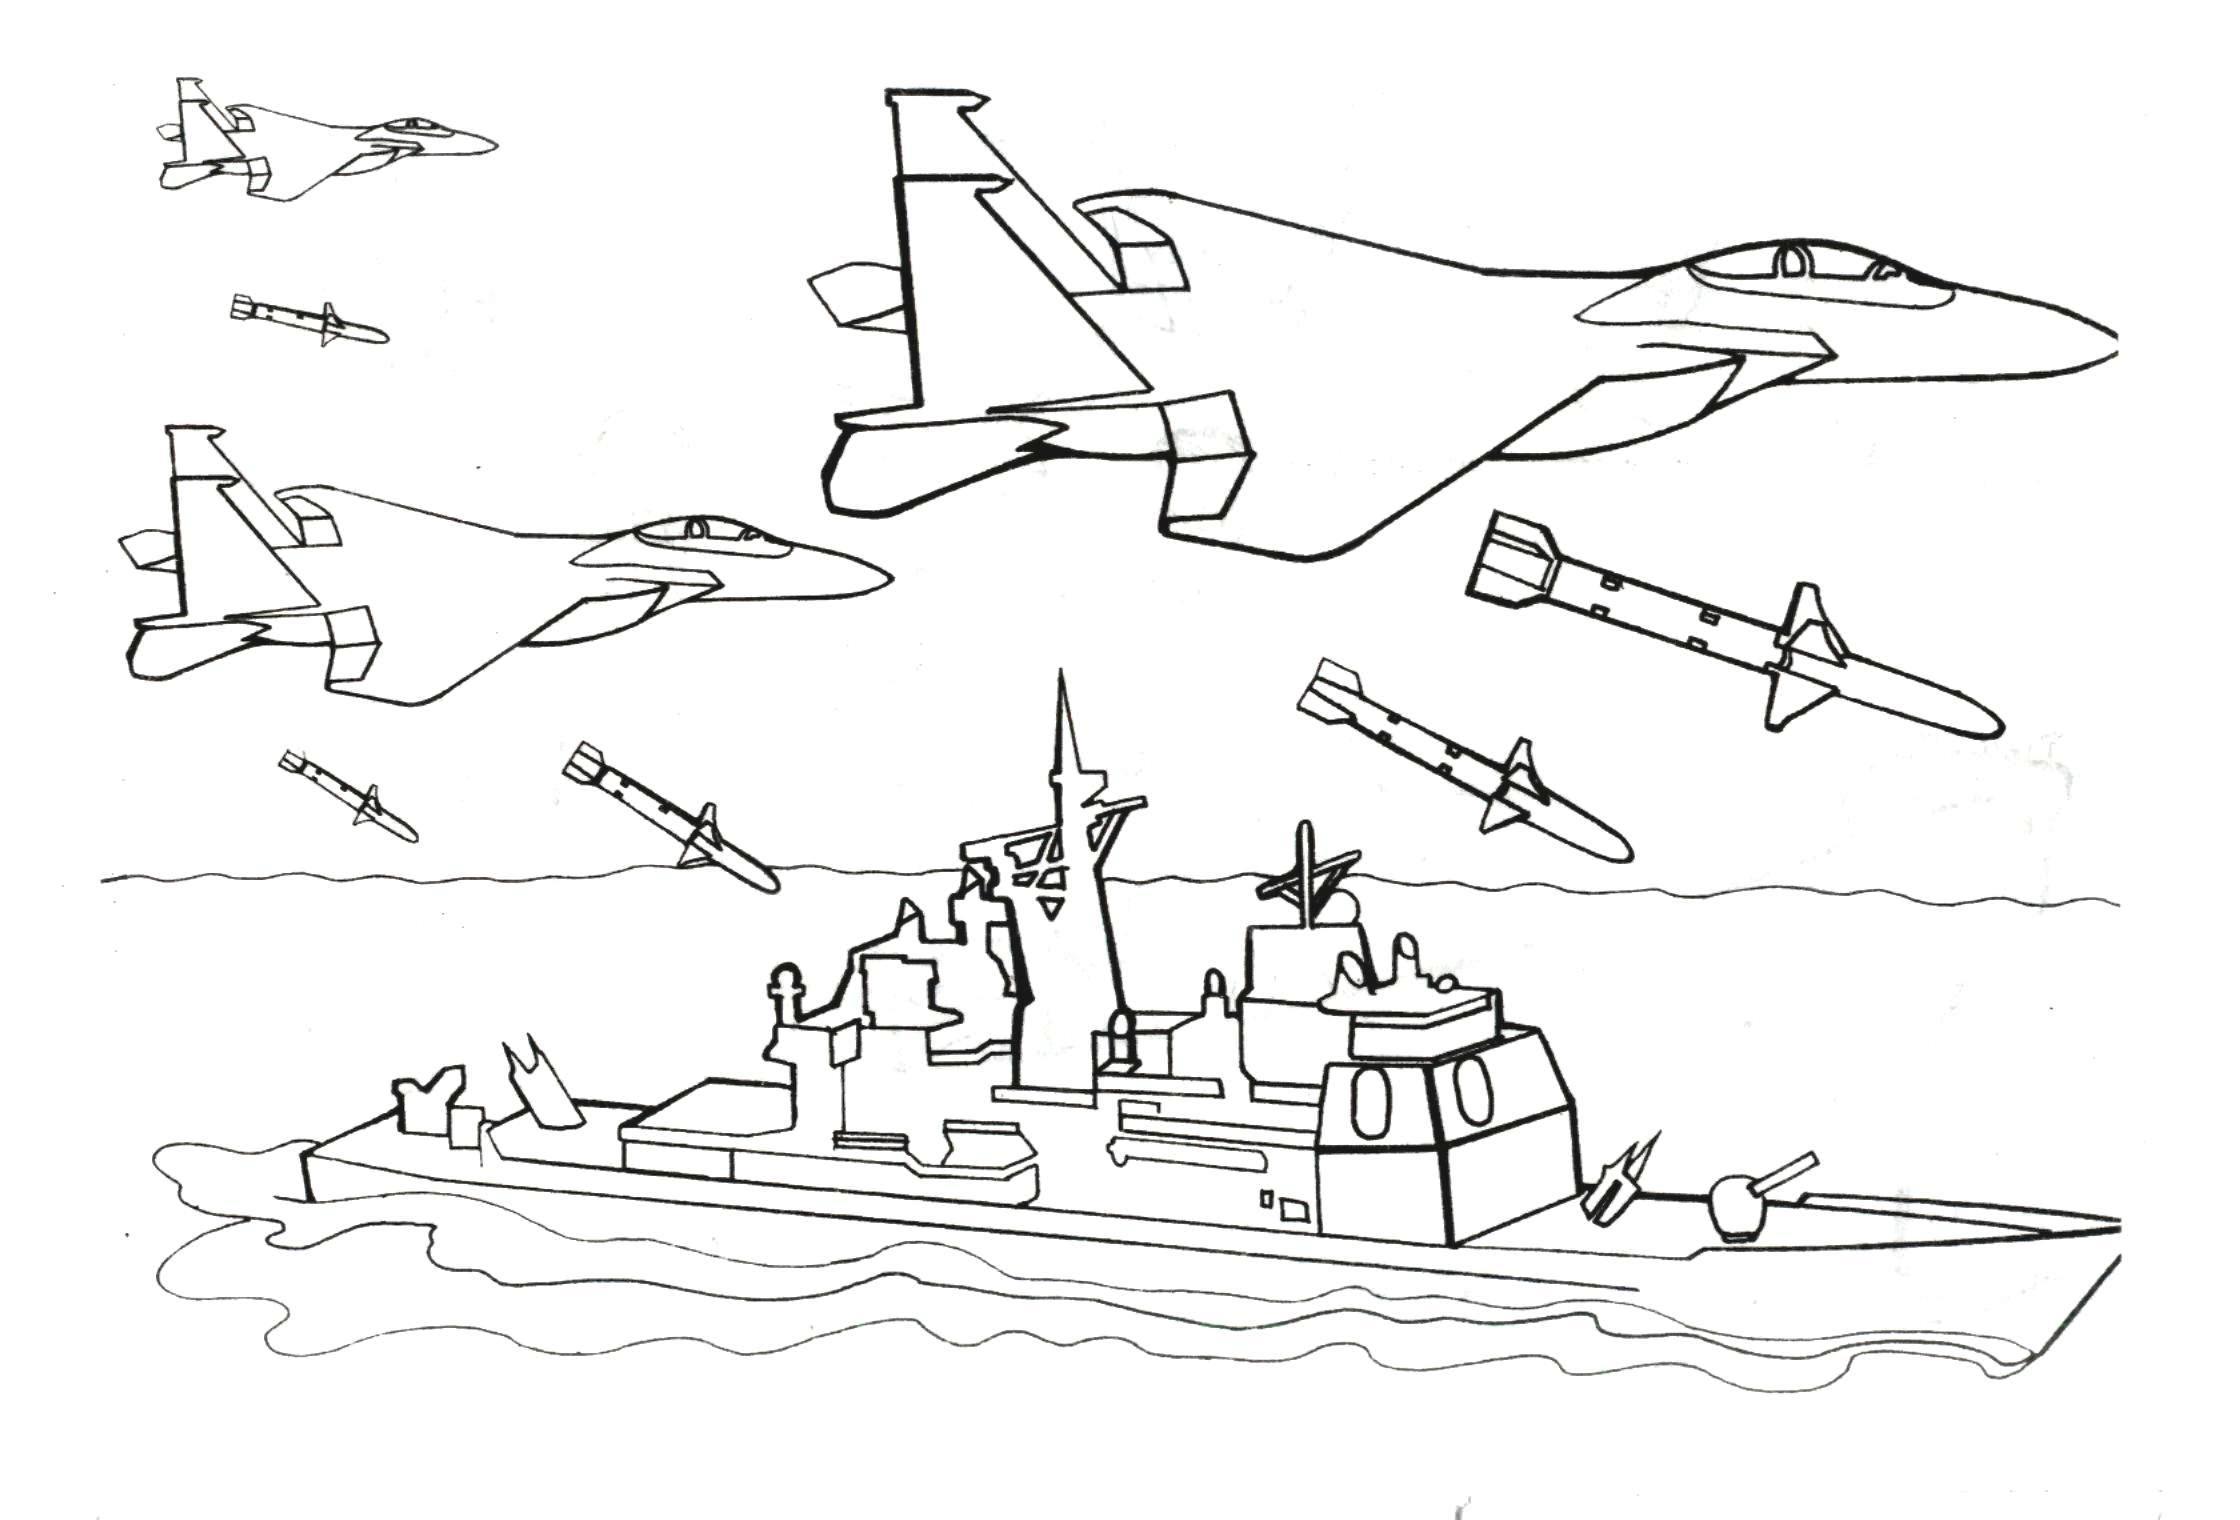 Раскраски корабли, подводные лодки, бомбордировка с воздуха коробля